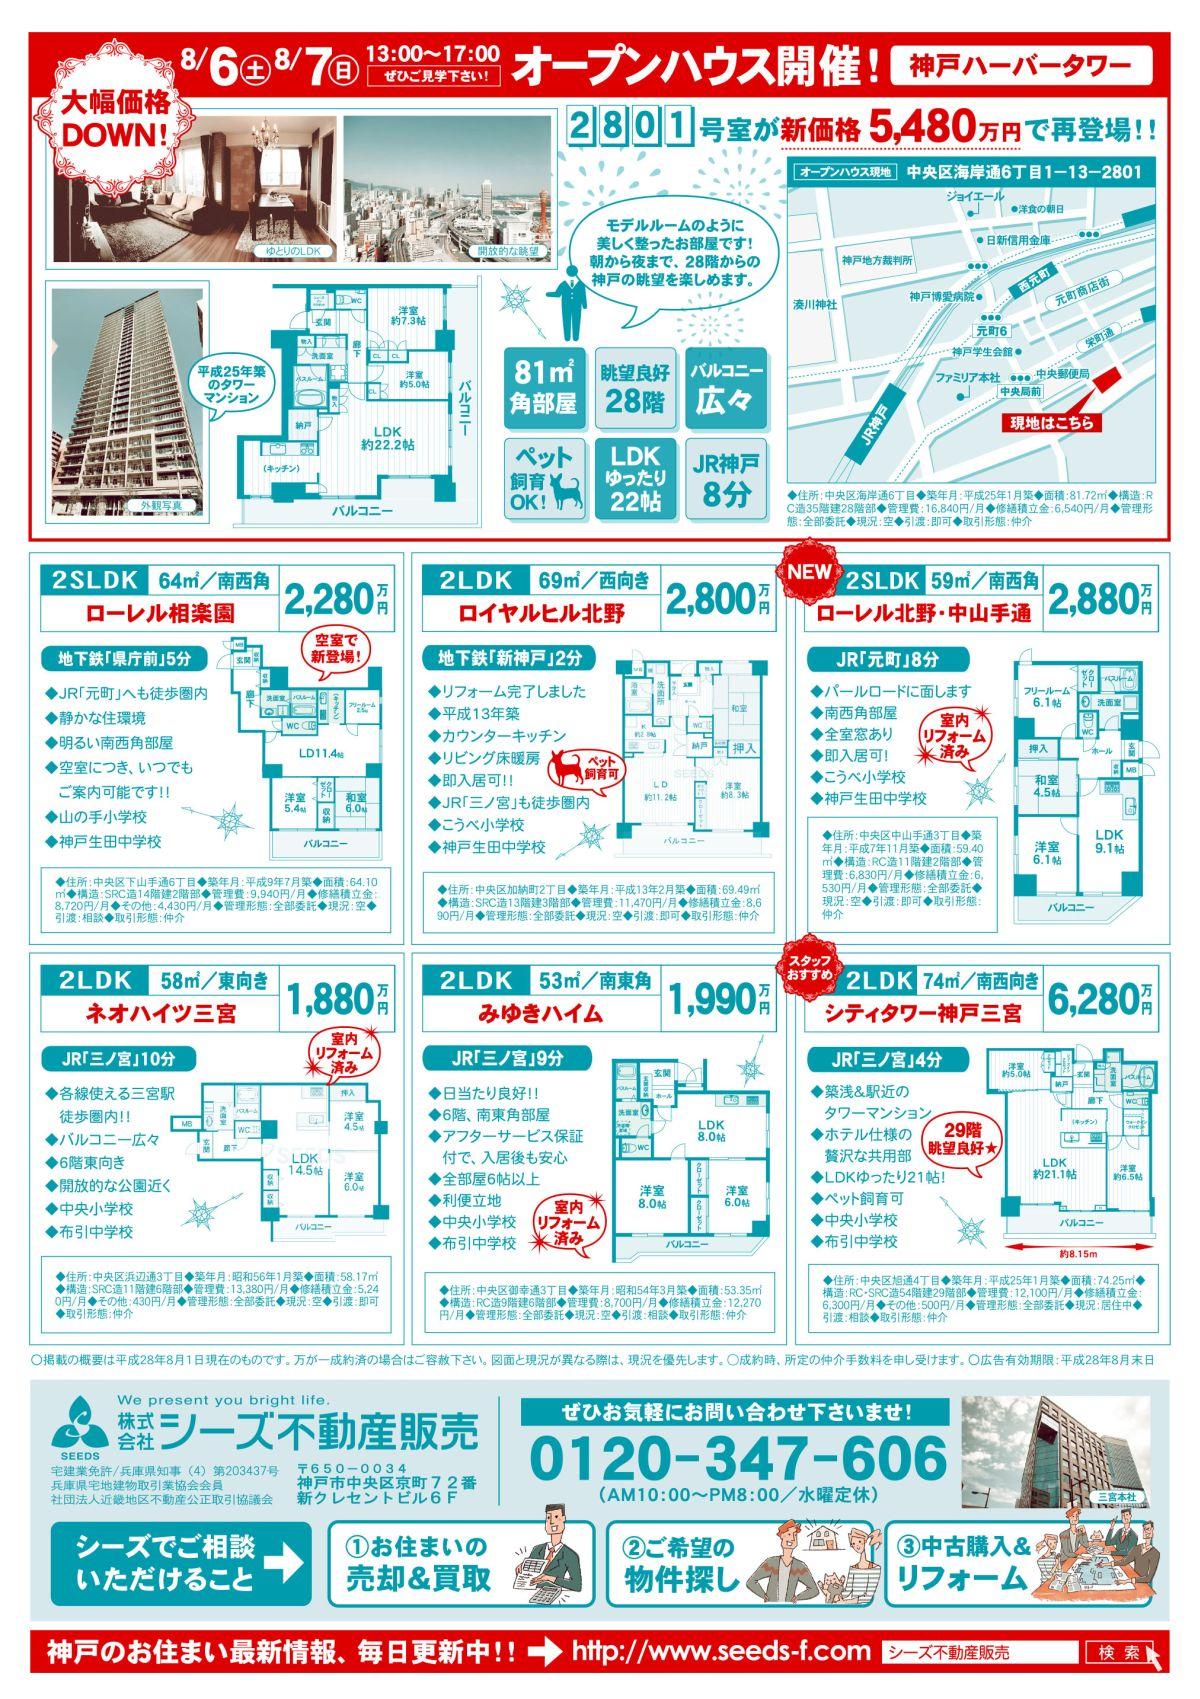 8月6日灘区折込オモテ(神戸ハーバータワーOH+